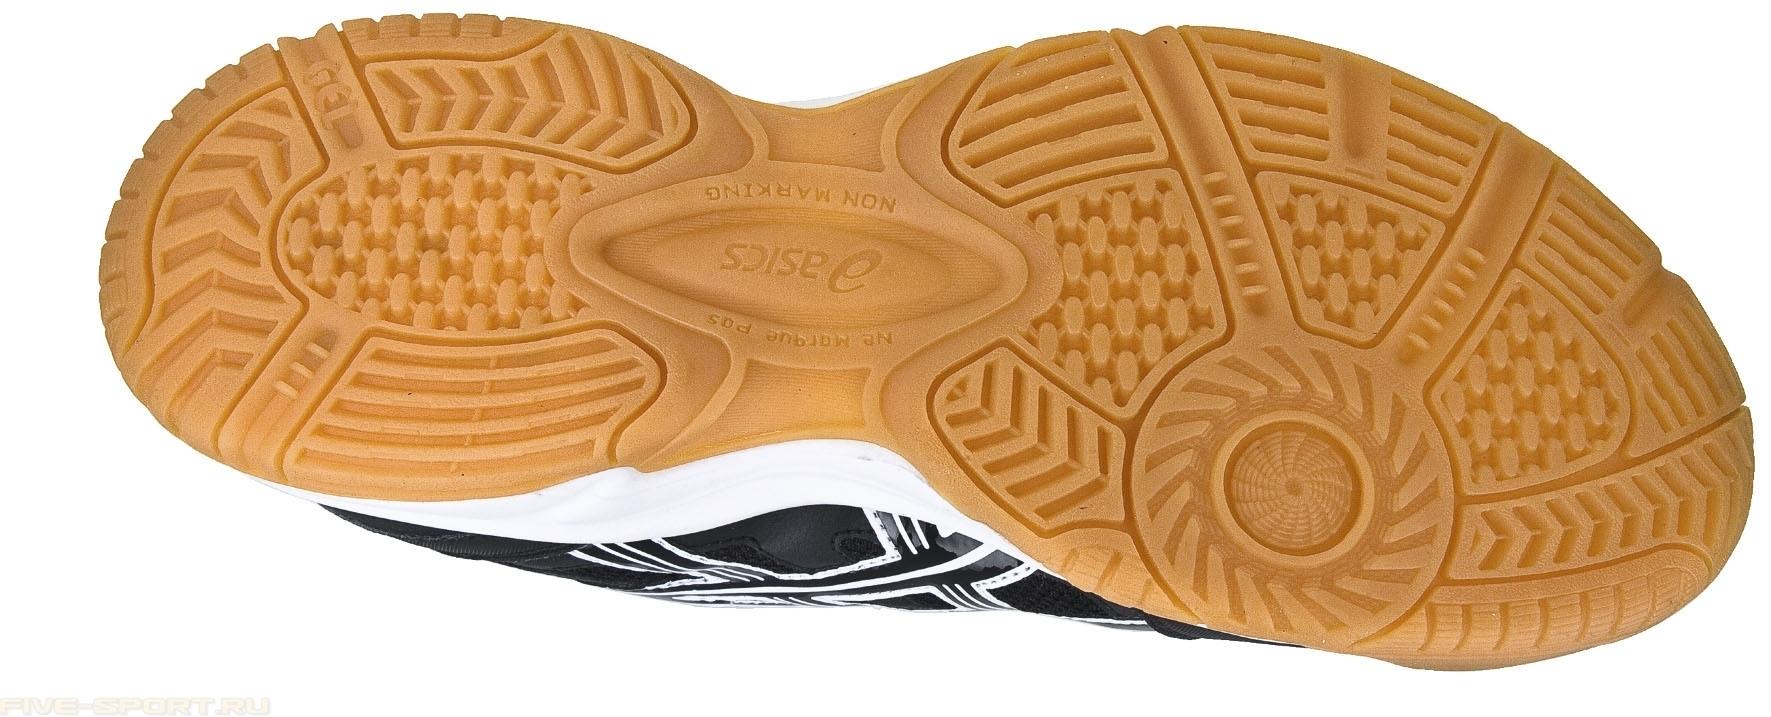 Asics  Gel-Doha кроссовки волейбольные мужские - 2